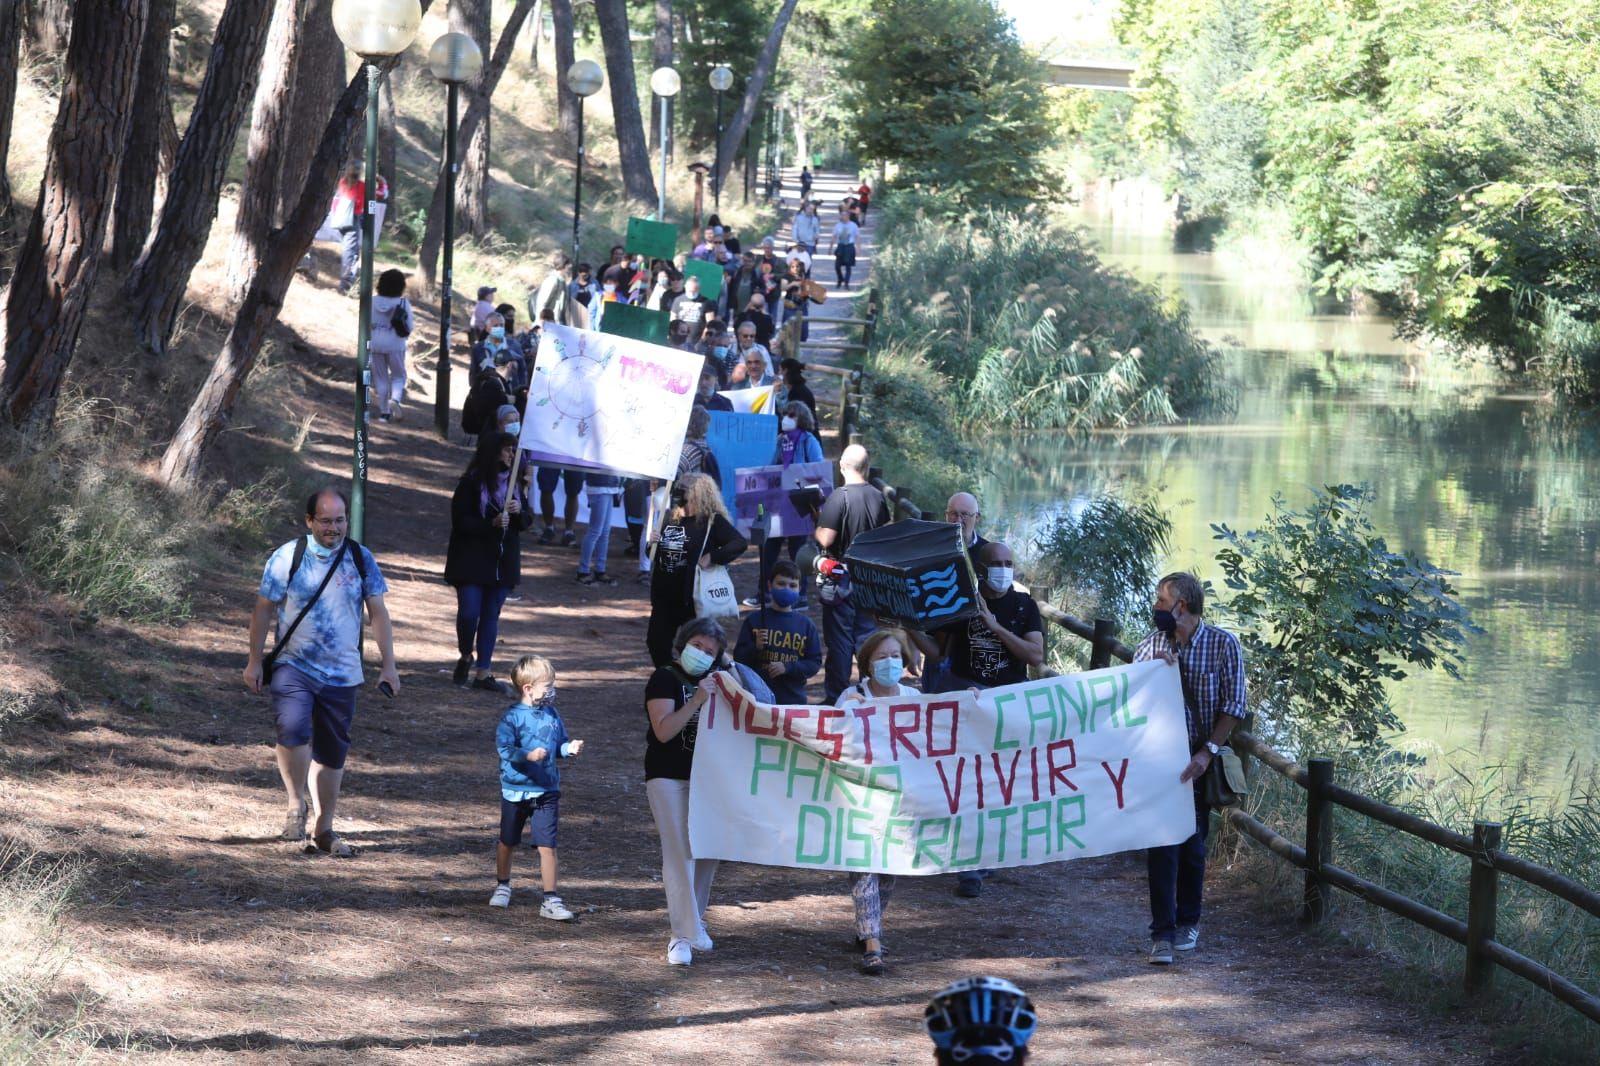 Los vecinos de Torrero piden que se aplique el plan especial del canal Imperial